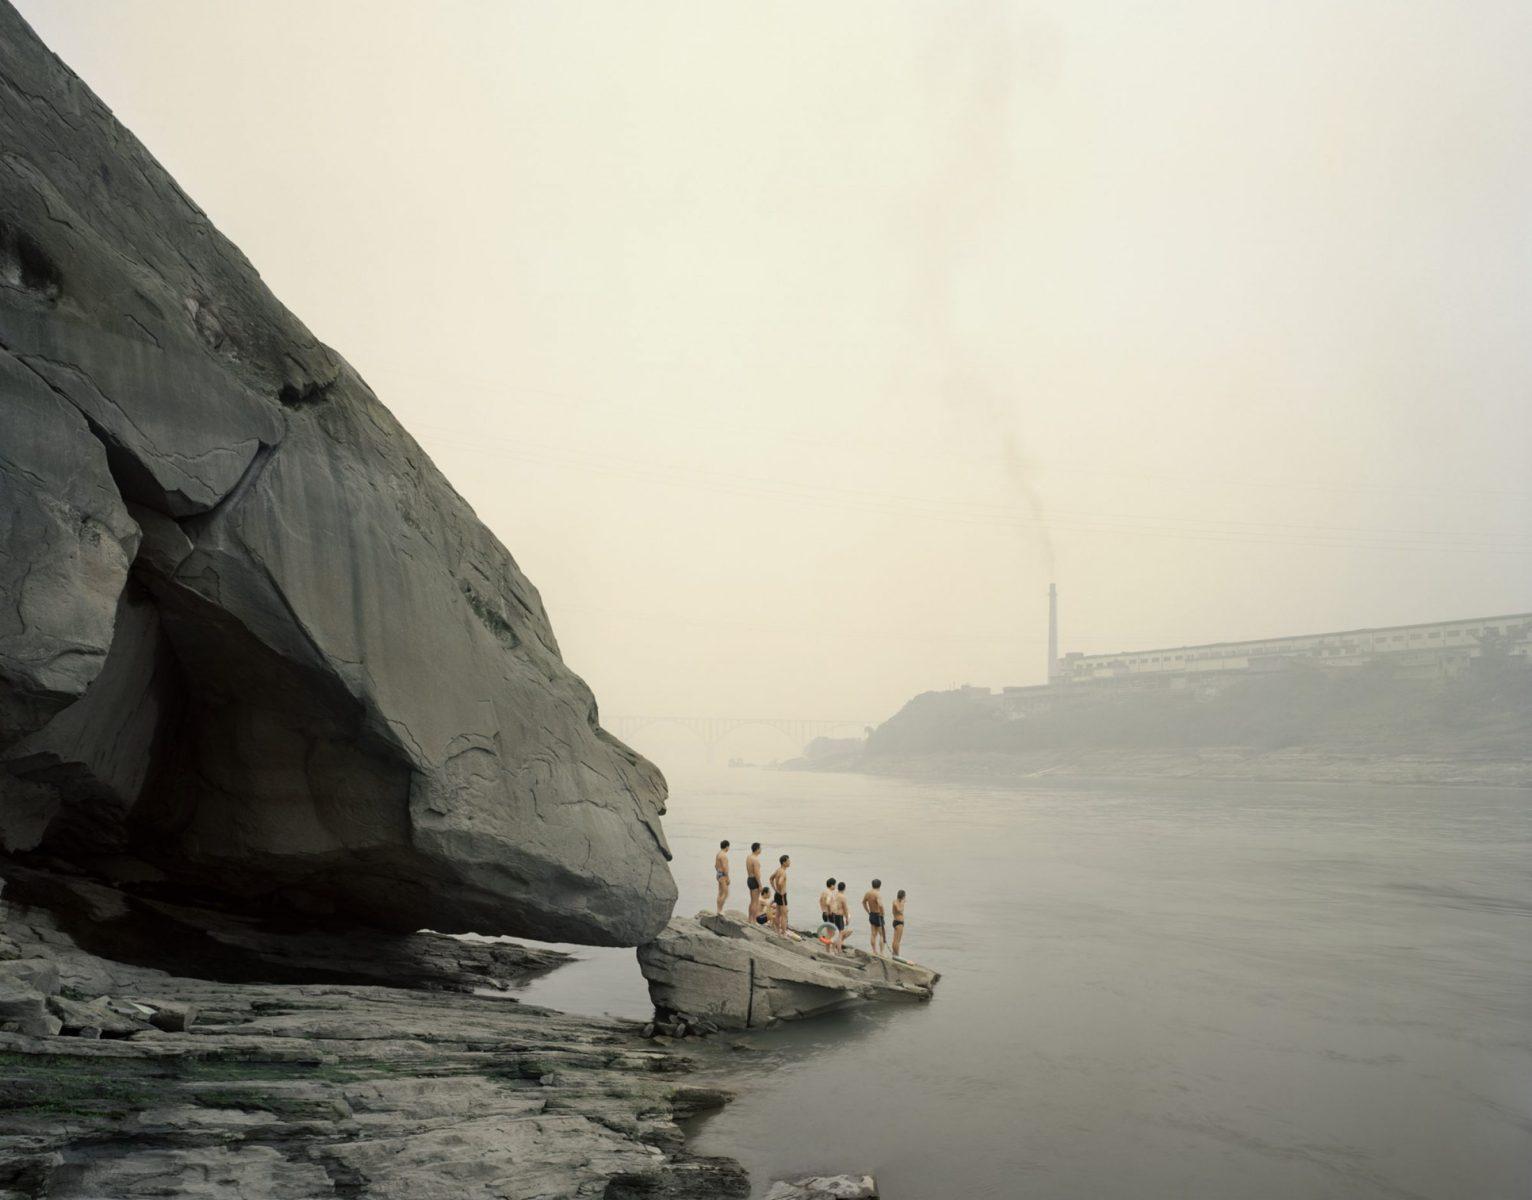 Yibin I (bagnanti), provincia di Sichuan, 2007 - Dallo Yangtze, il lungo fiume fotografia di Nadav Kander